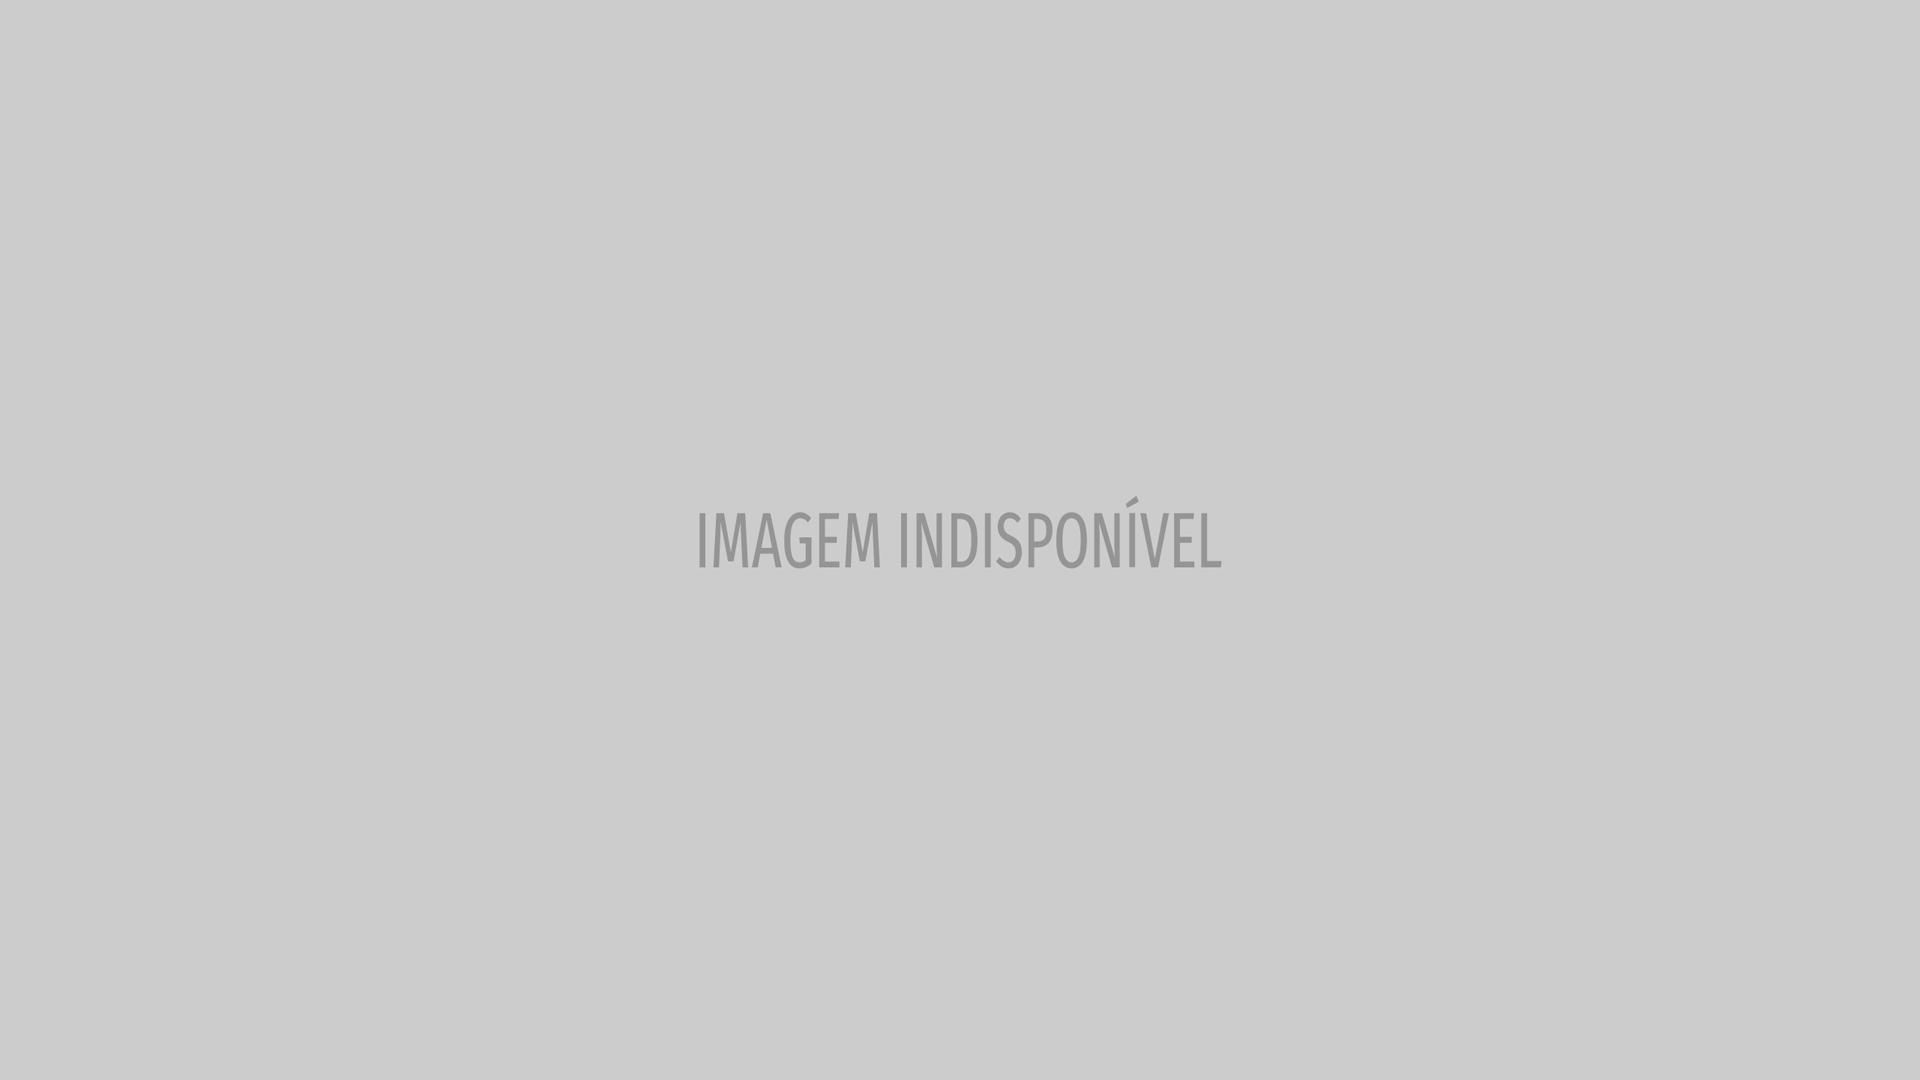 Supermercado elimina produtos estrangeiros e dá 'lição' aos clientes